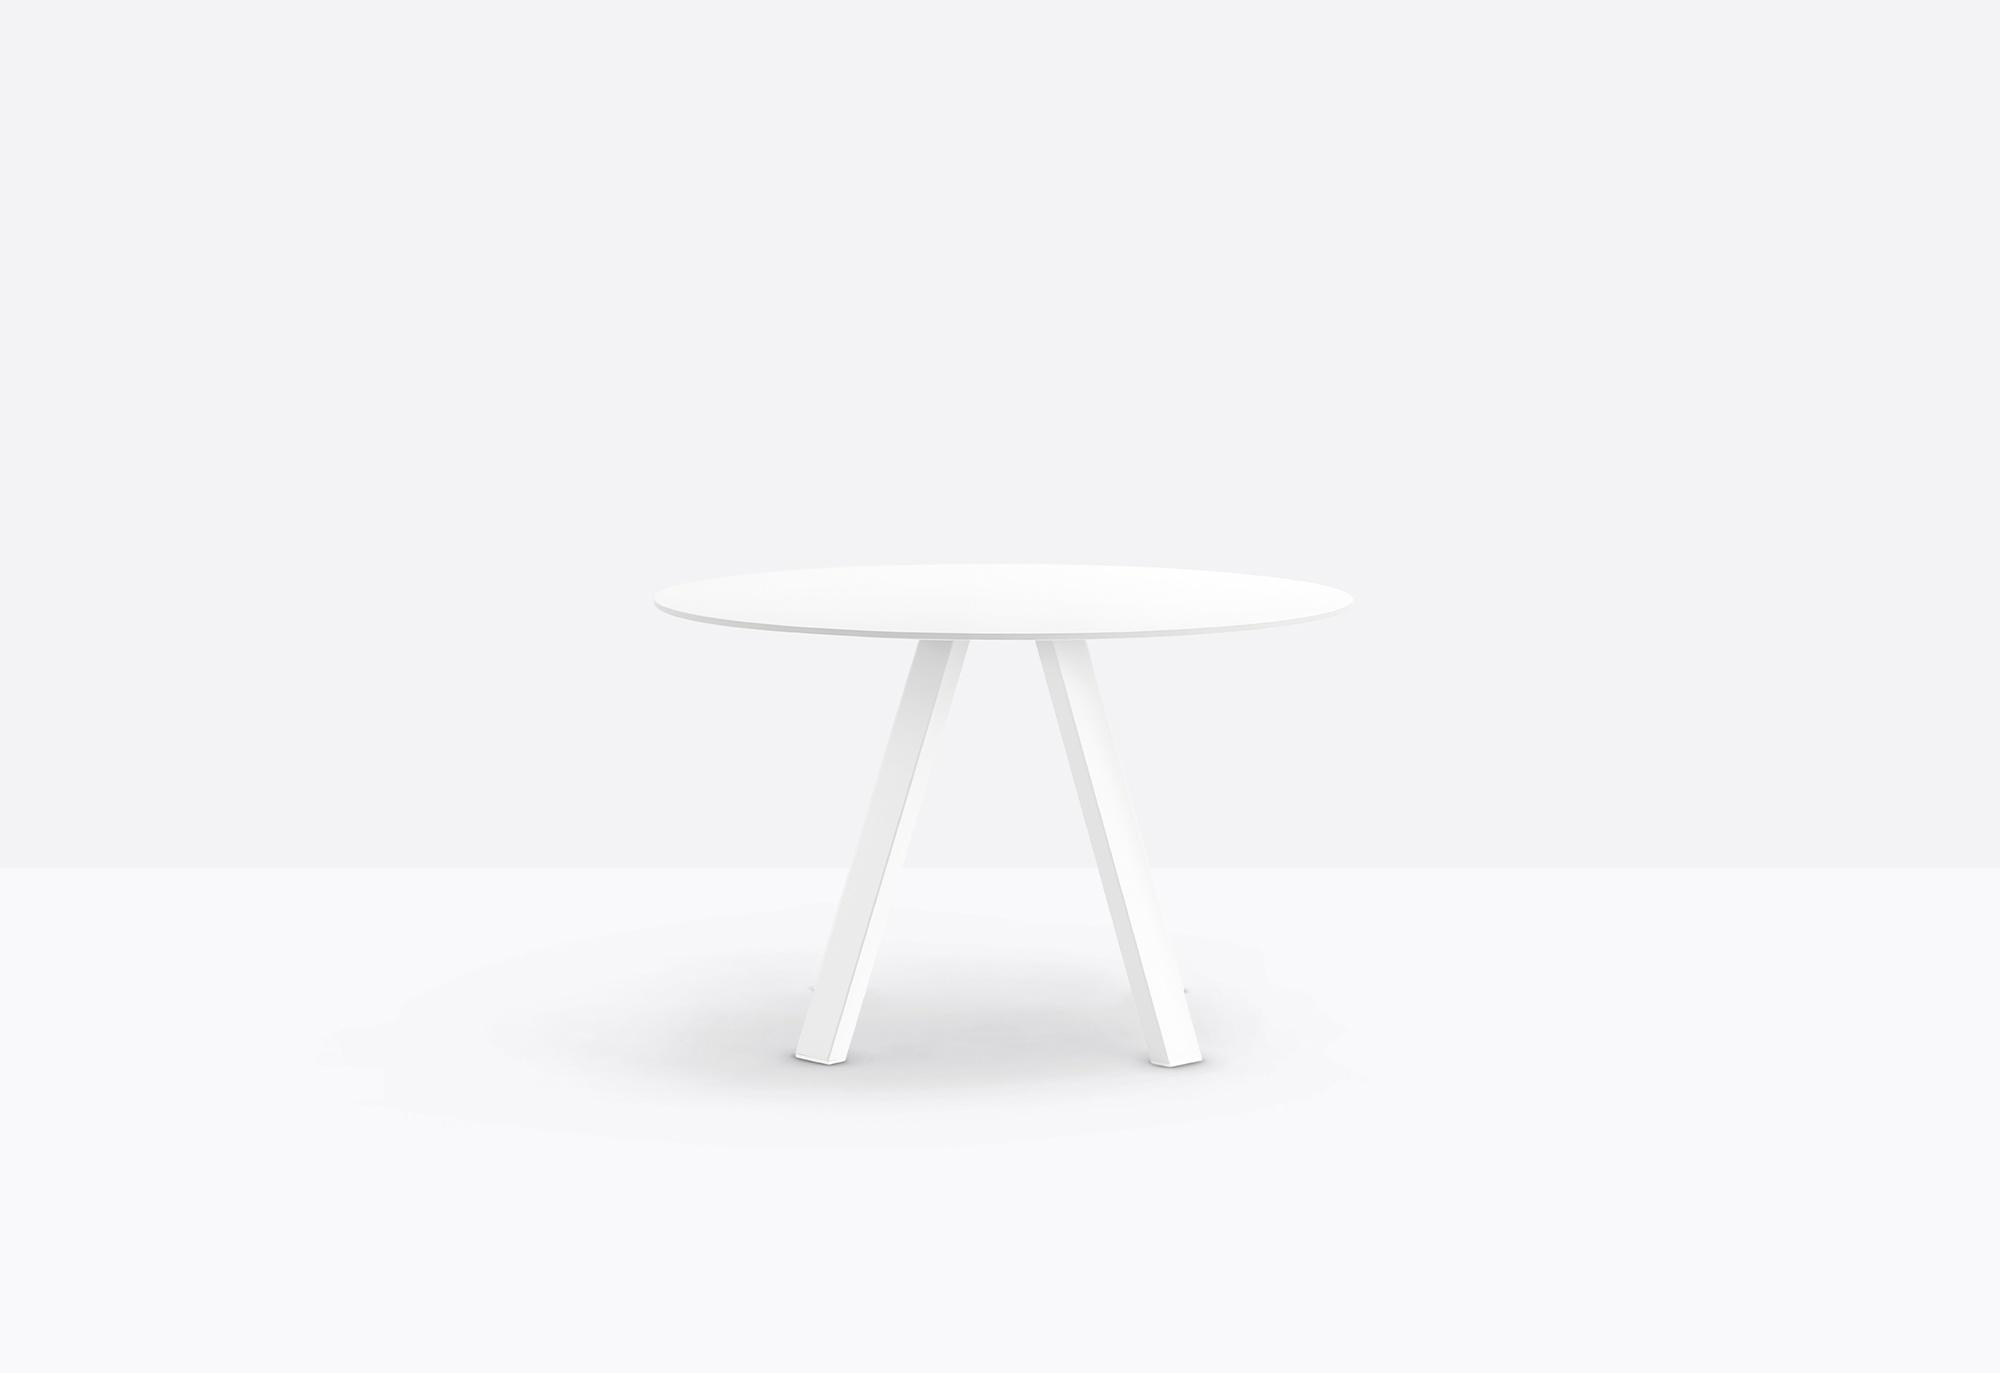 Tavolo ARKI-TABLE ARK5 - TAG'S